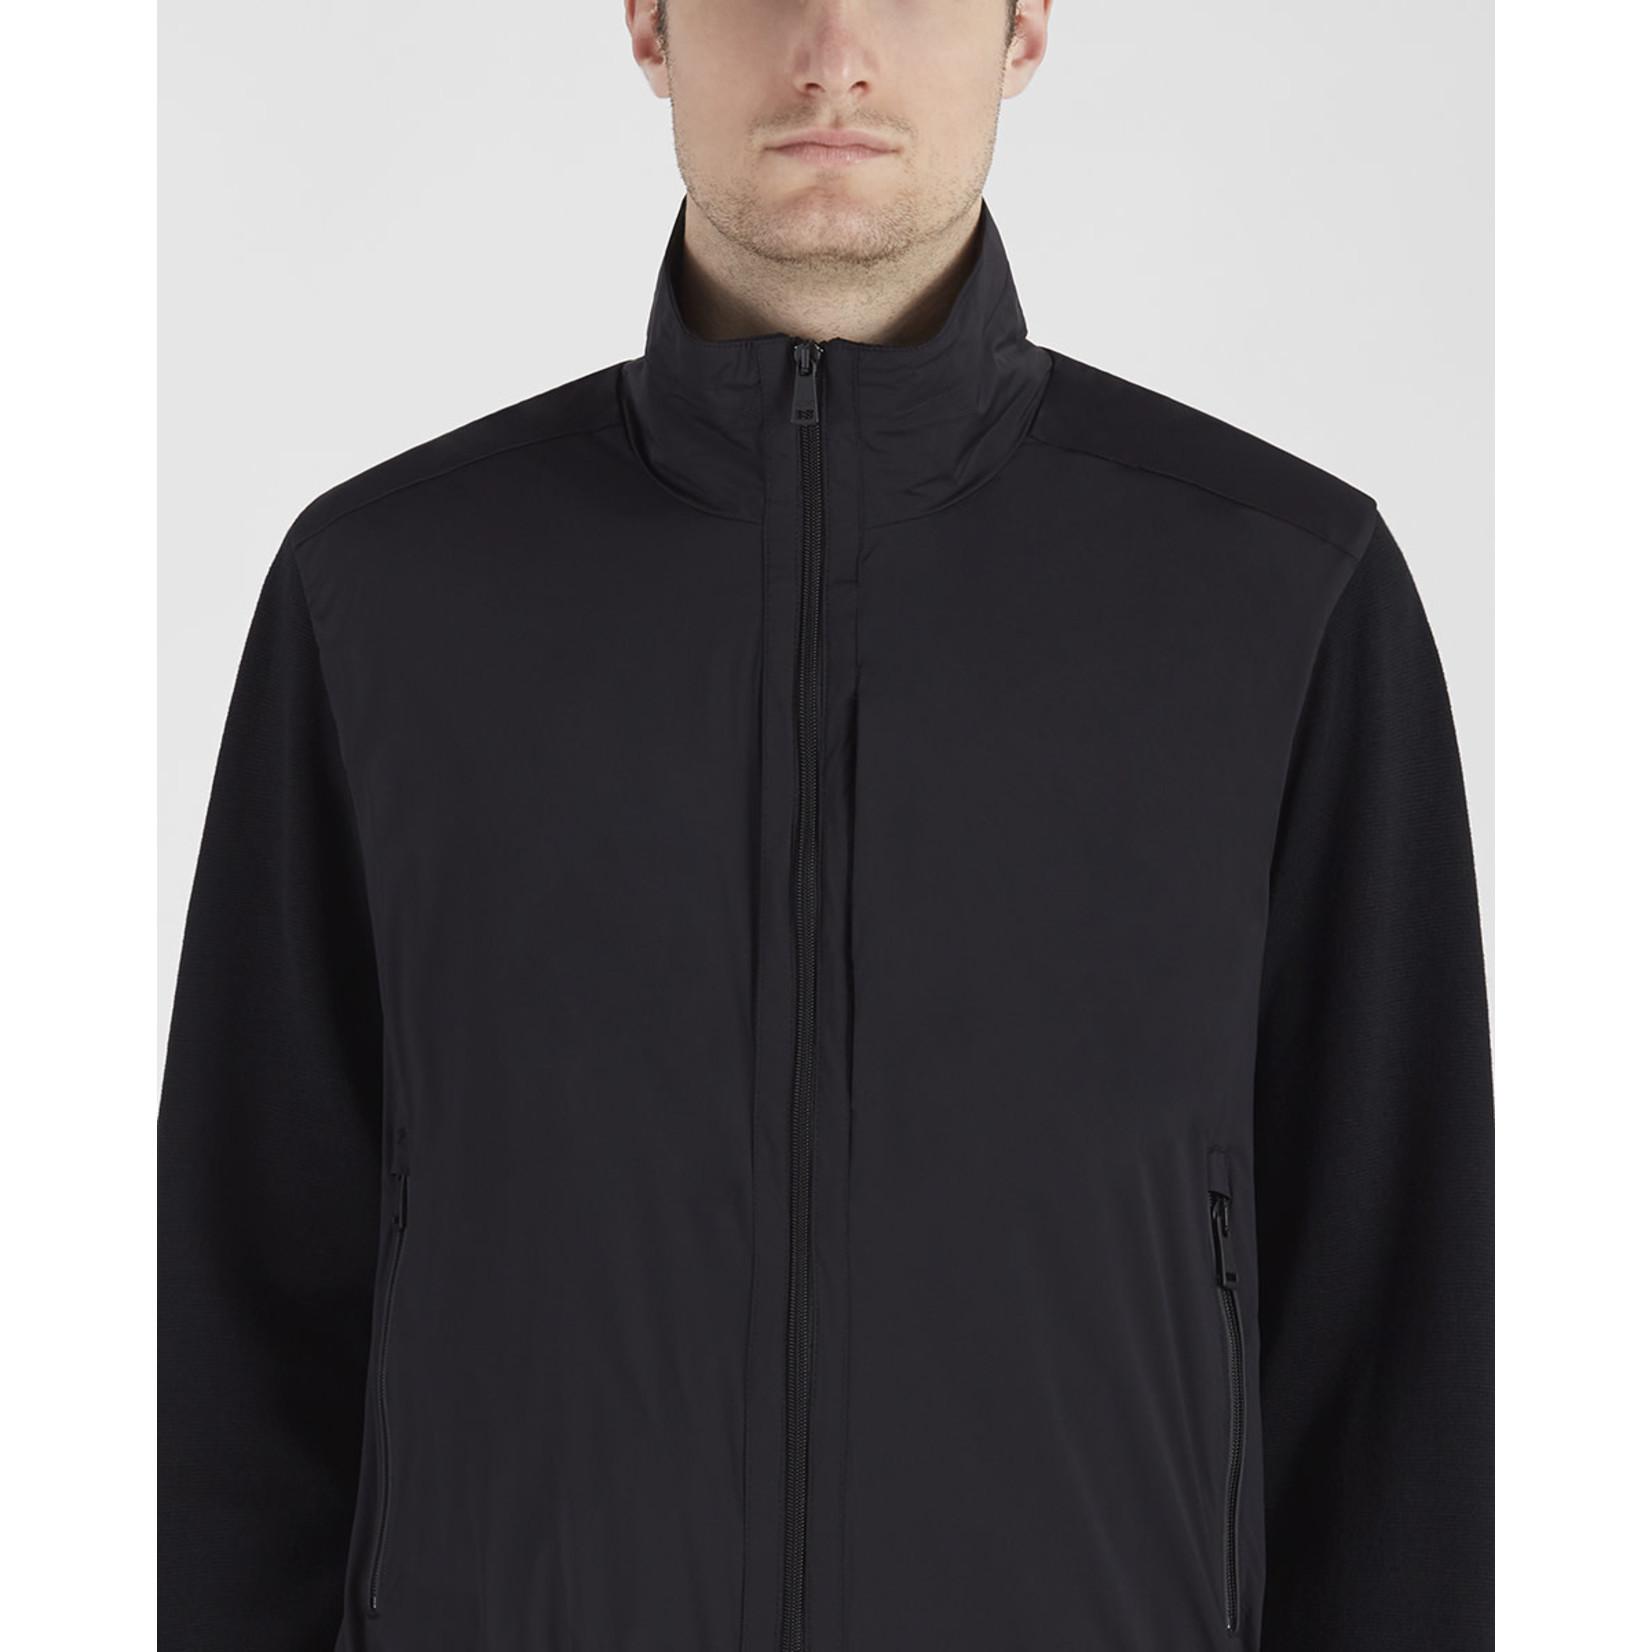 Paul & Shark Typhoon vest met speciale zakken zwart